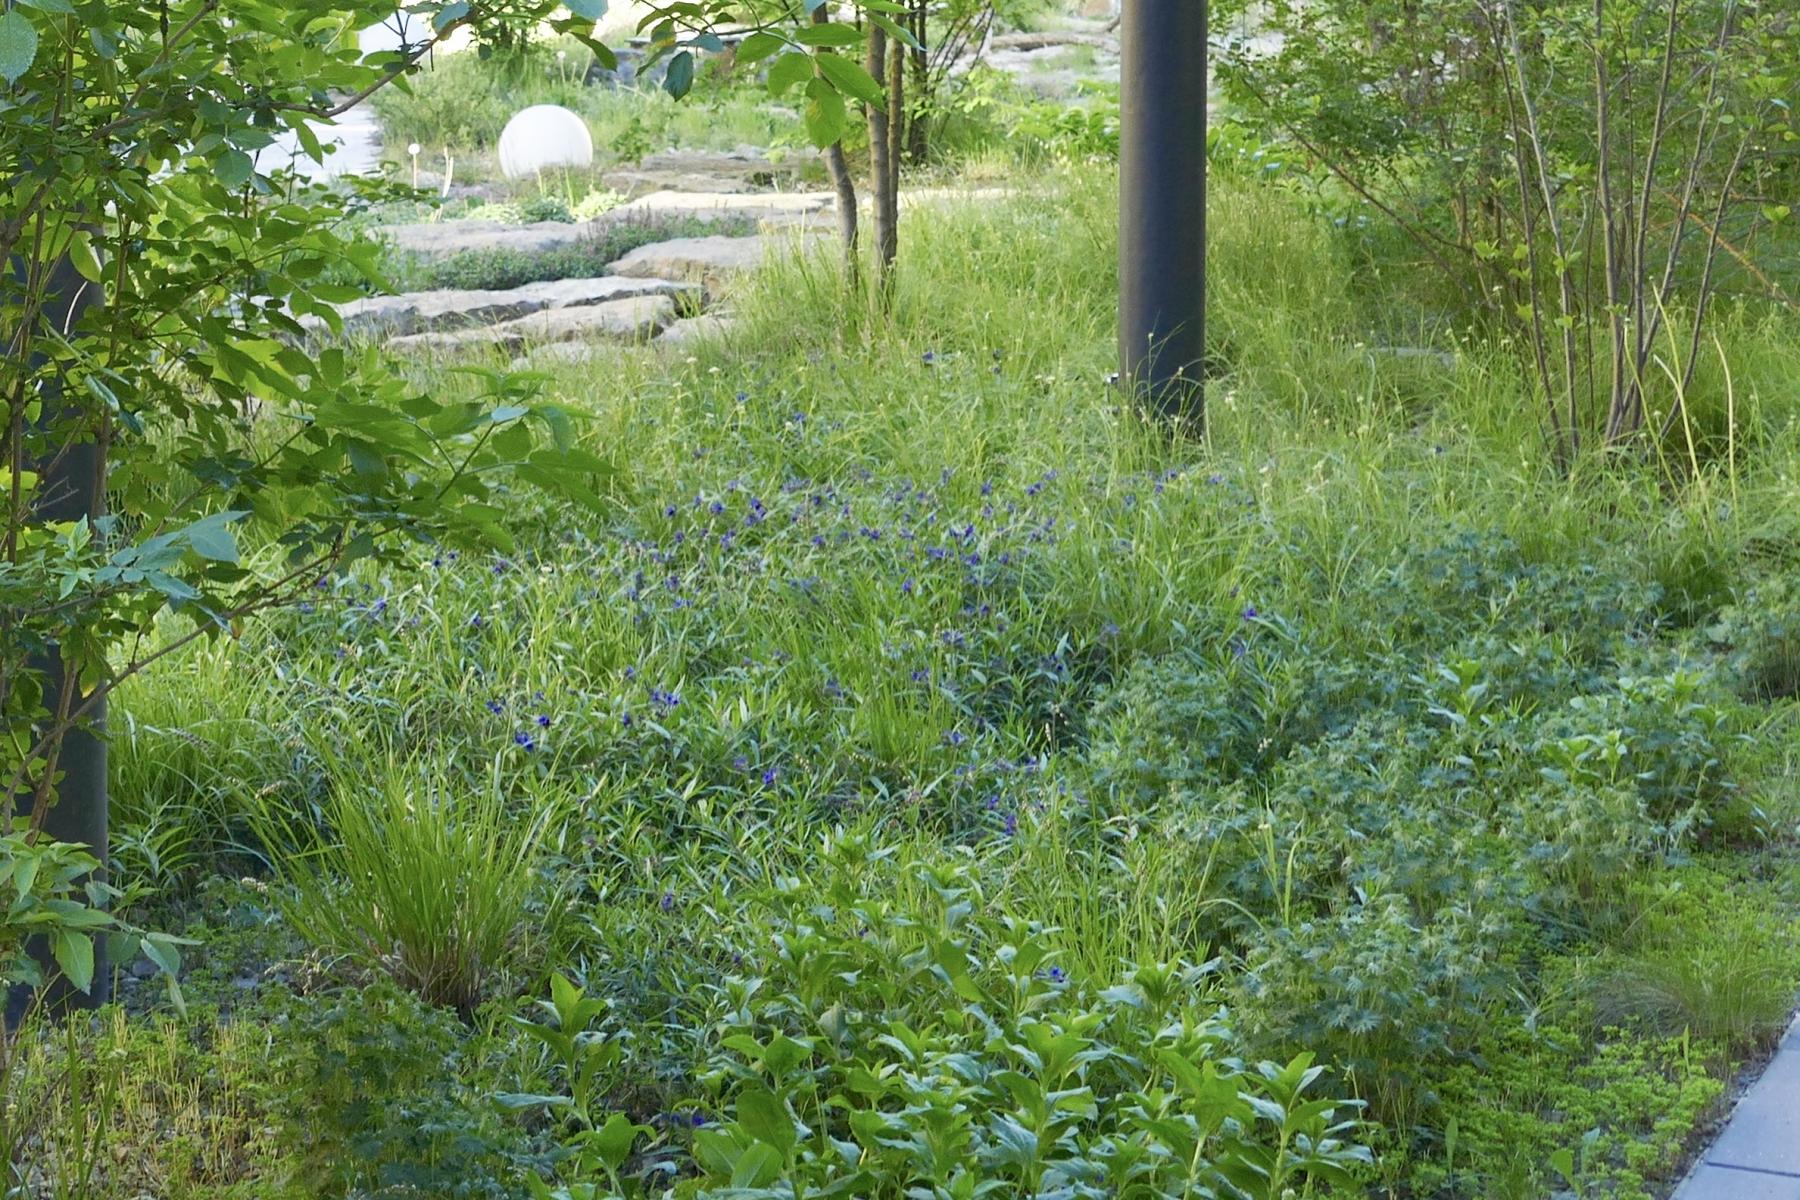 Projekt Kärcher Mai Purpurblaue steinsame im Schattigen Bereich, Waldrandstimmung 2017